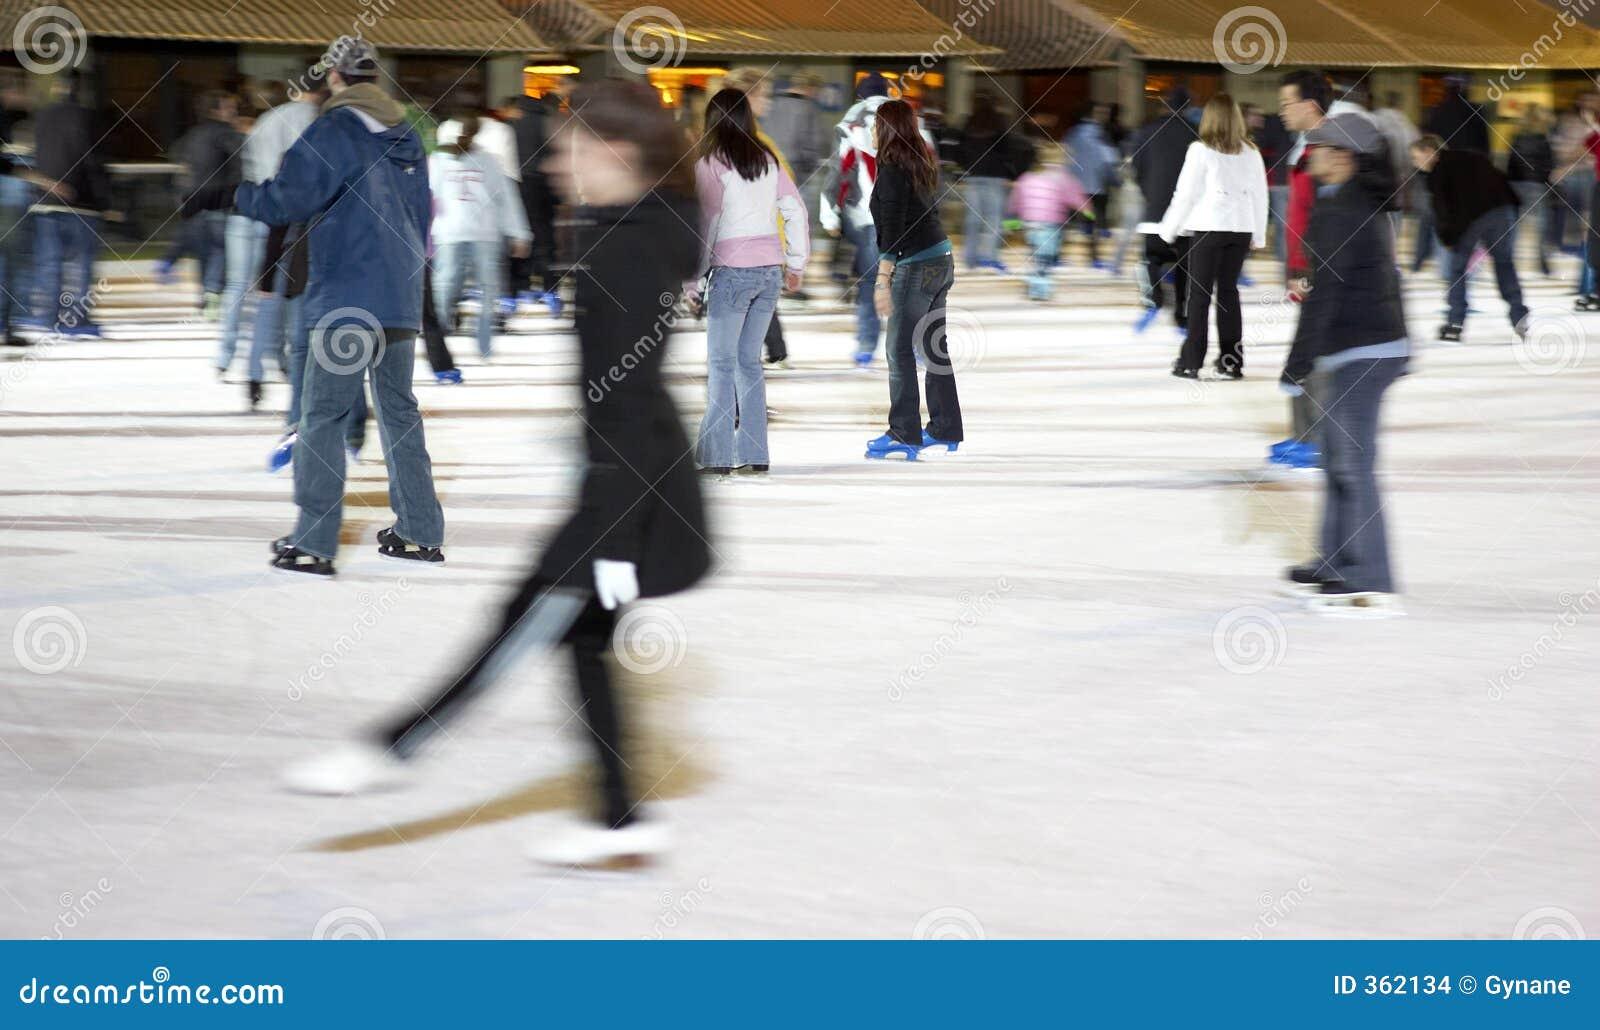 Het schaatsen bij bryant park